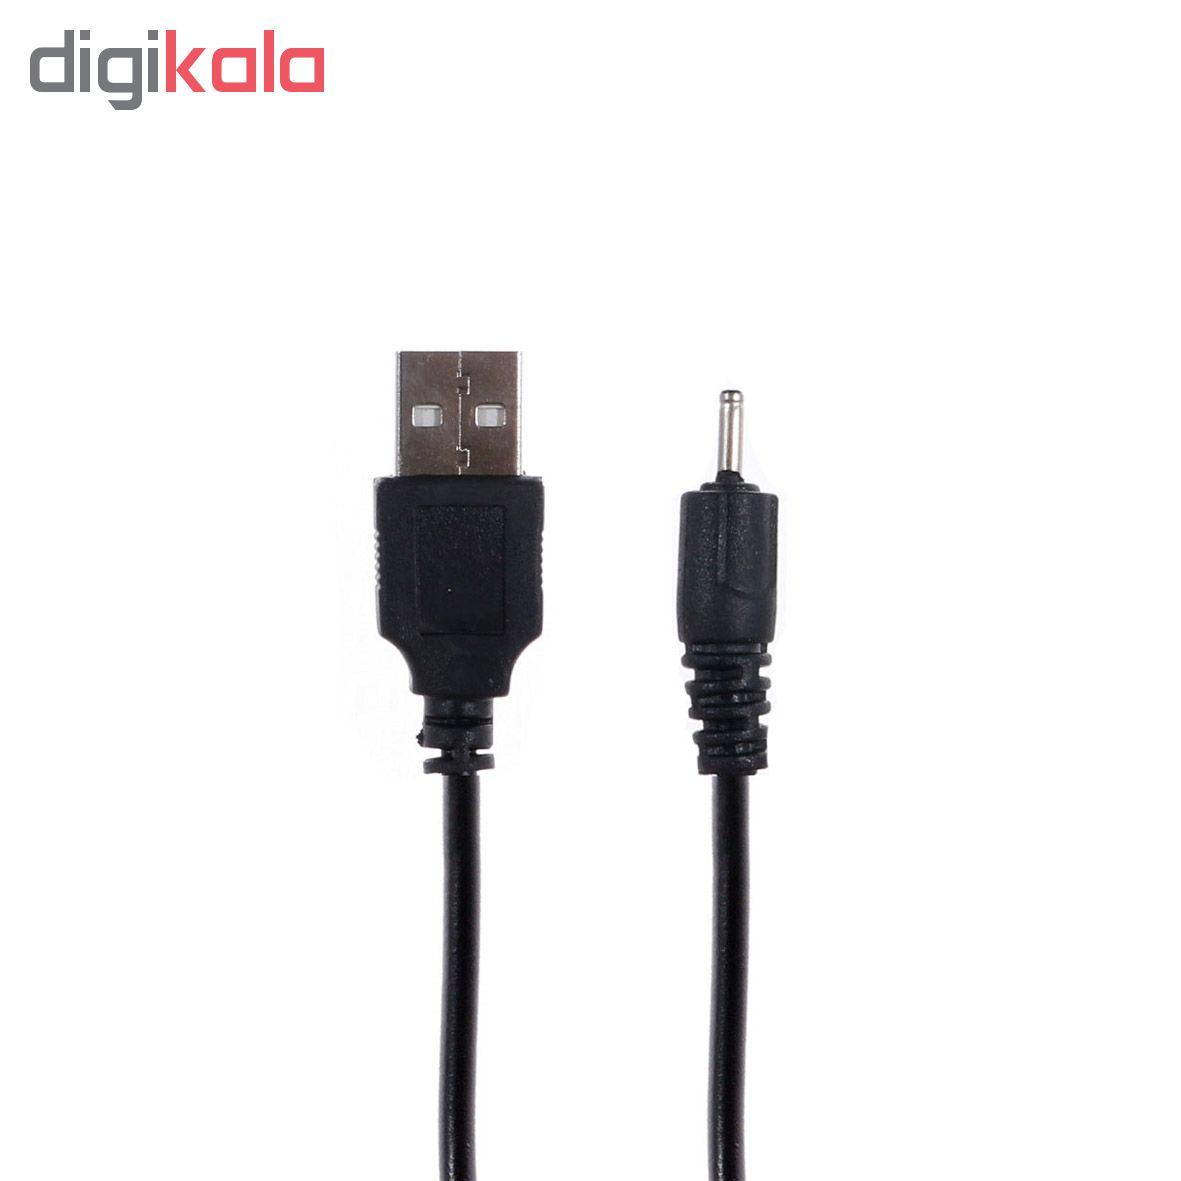 کابل تبدیل USB به DC مدل 6101 طول 1 متر